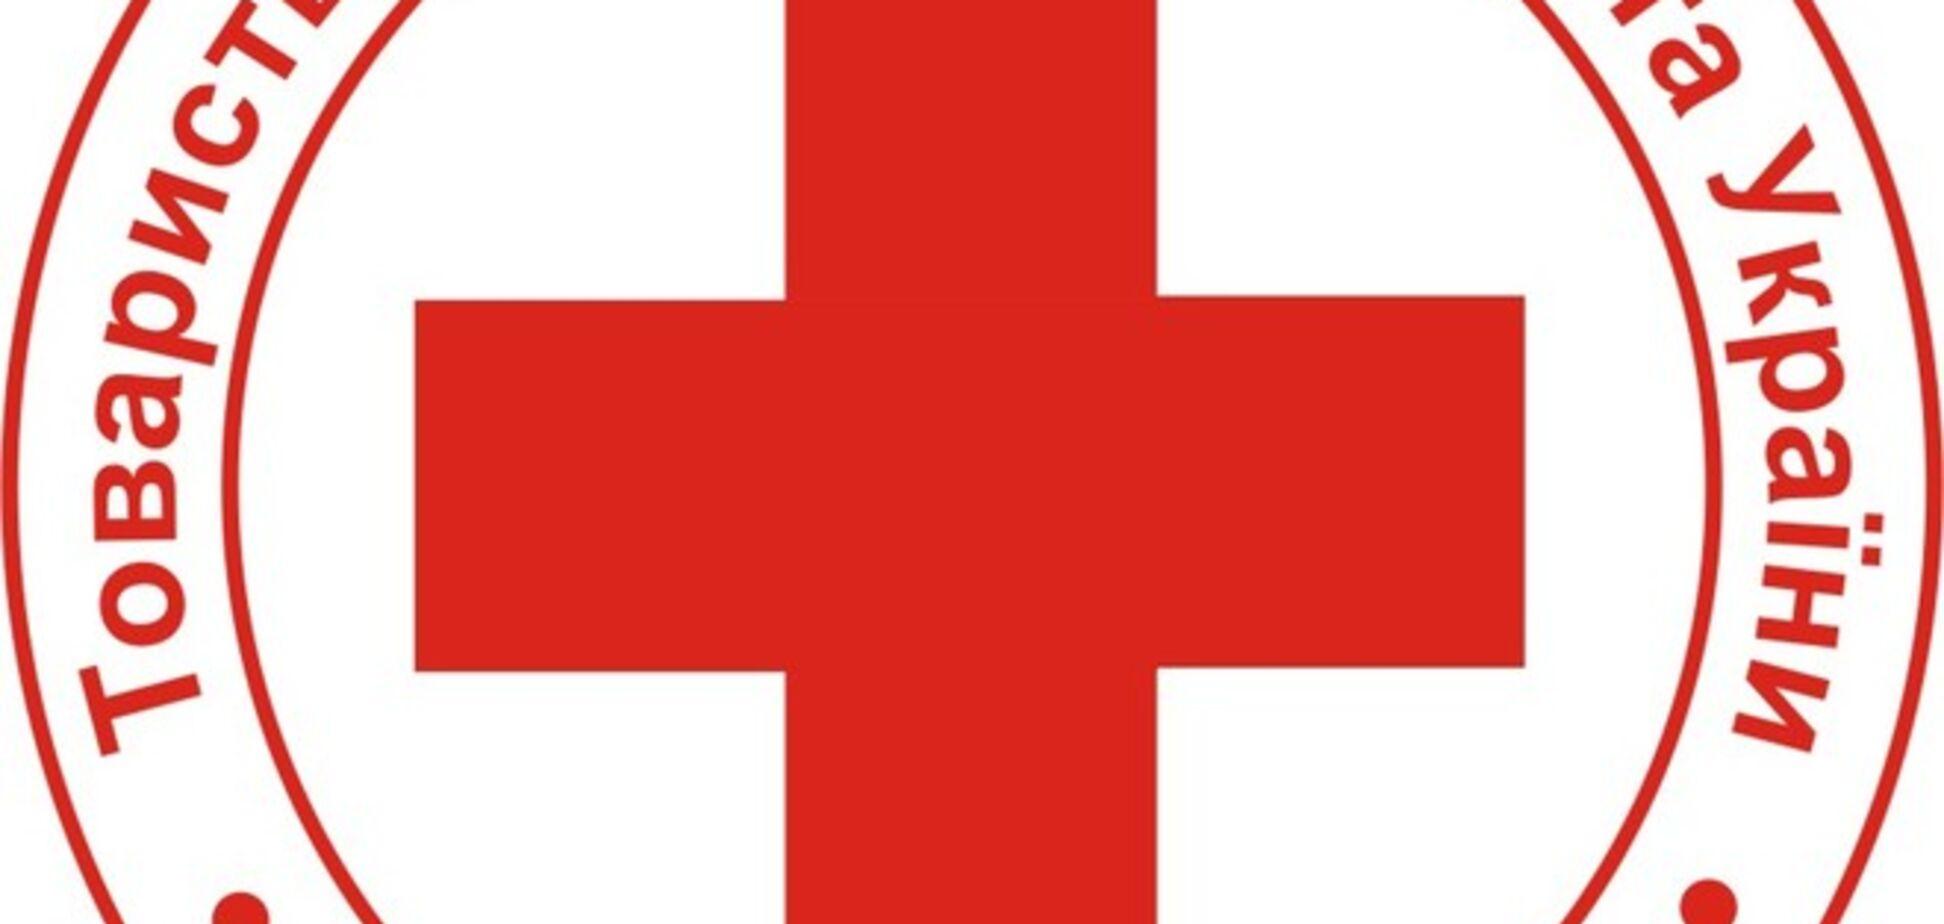 Задержанных в Донецке сотрудников Красного Креста освободили - СМИ